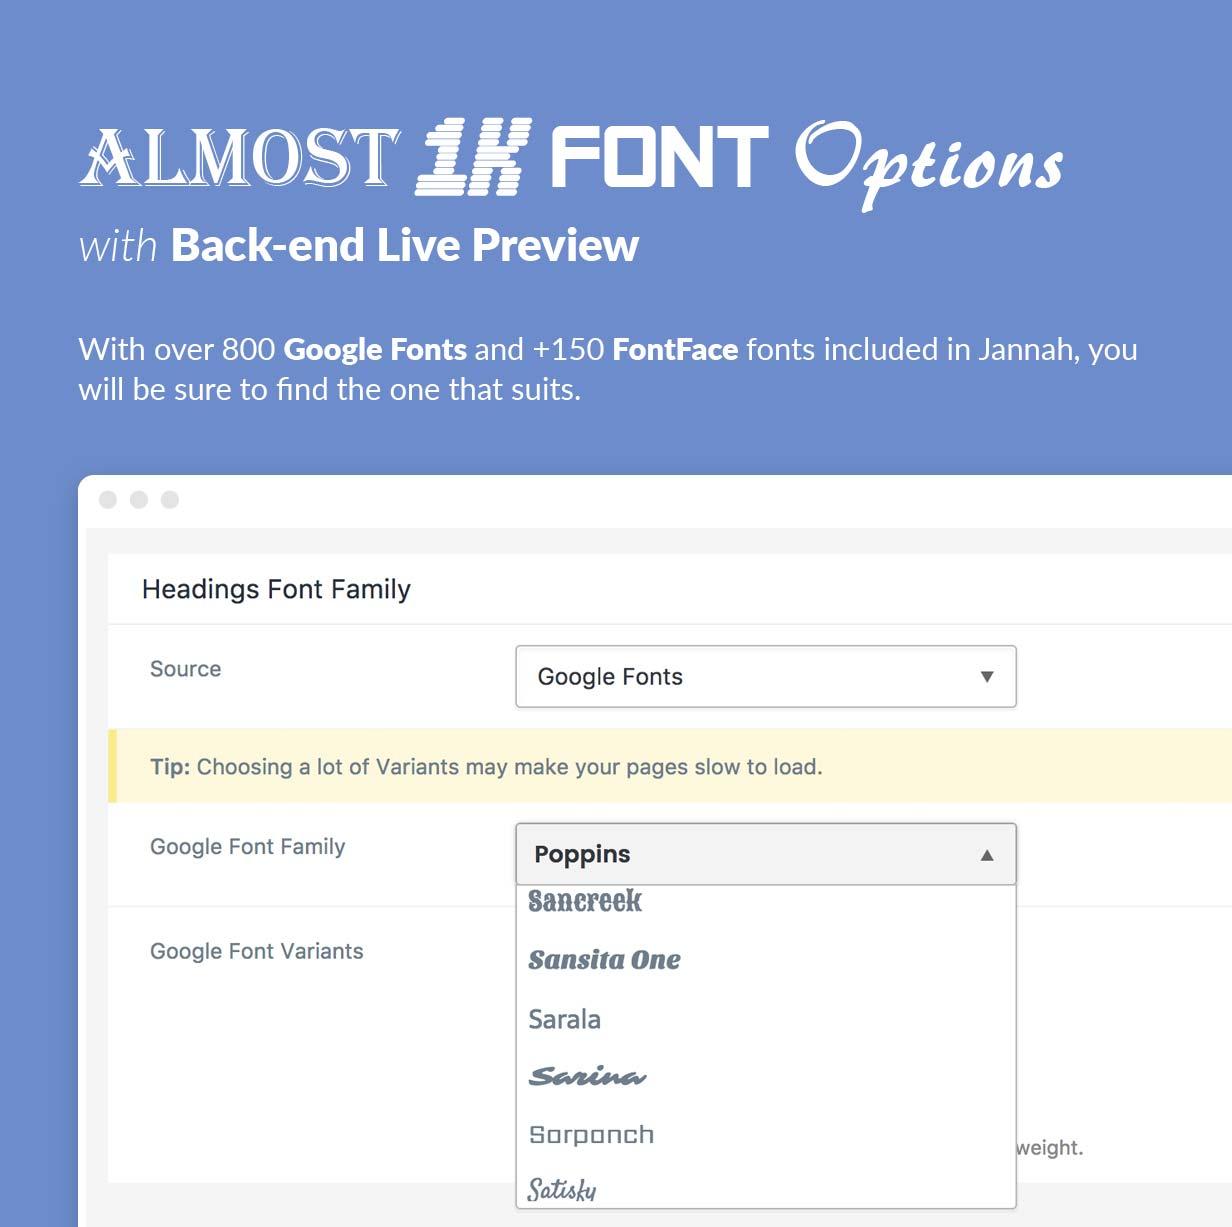 800 шрифтов Google и +150 шрифтов FontFace